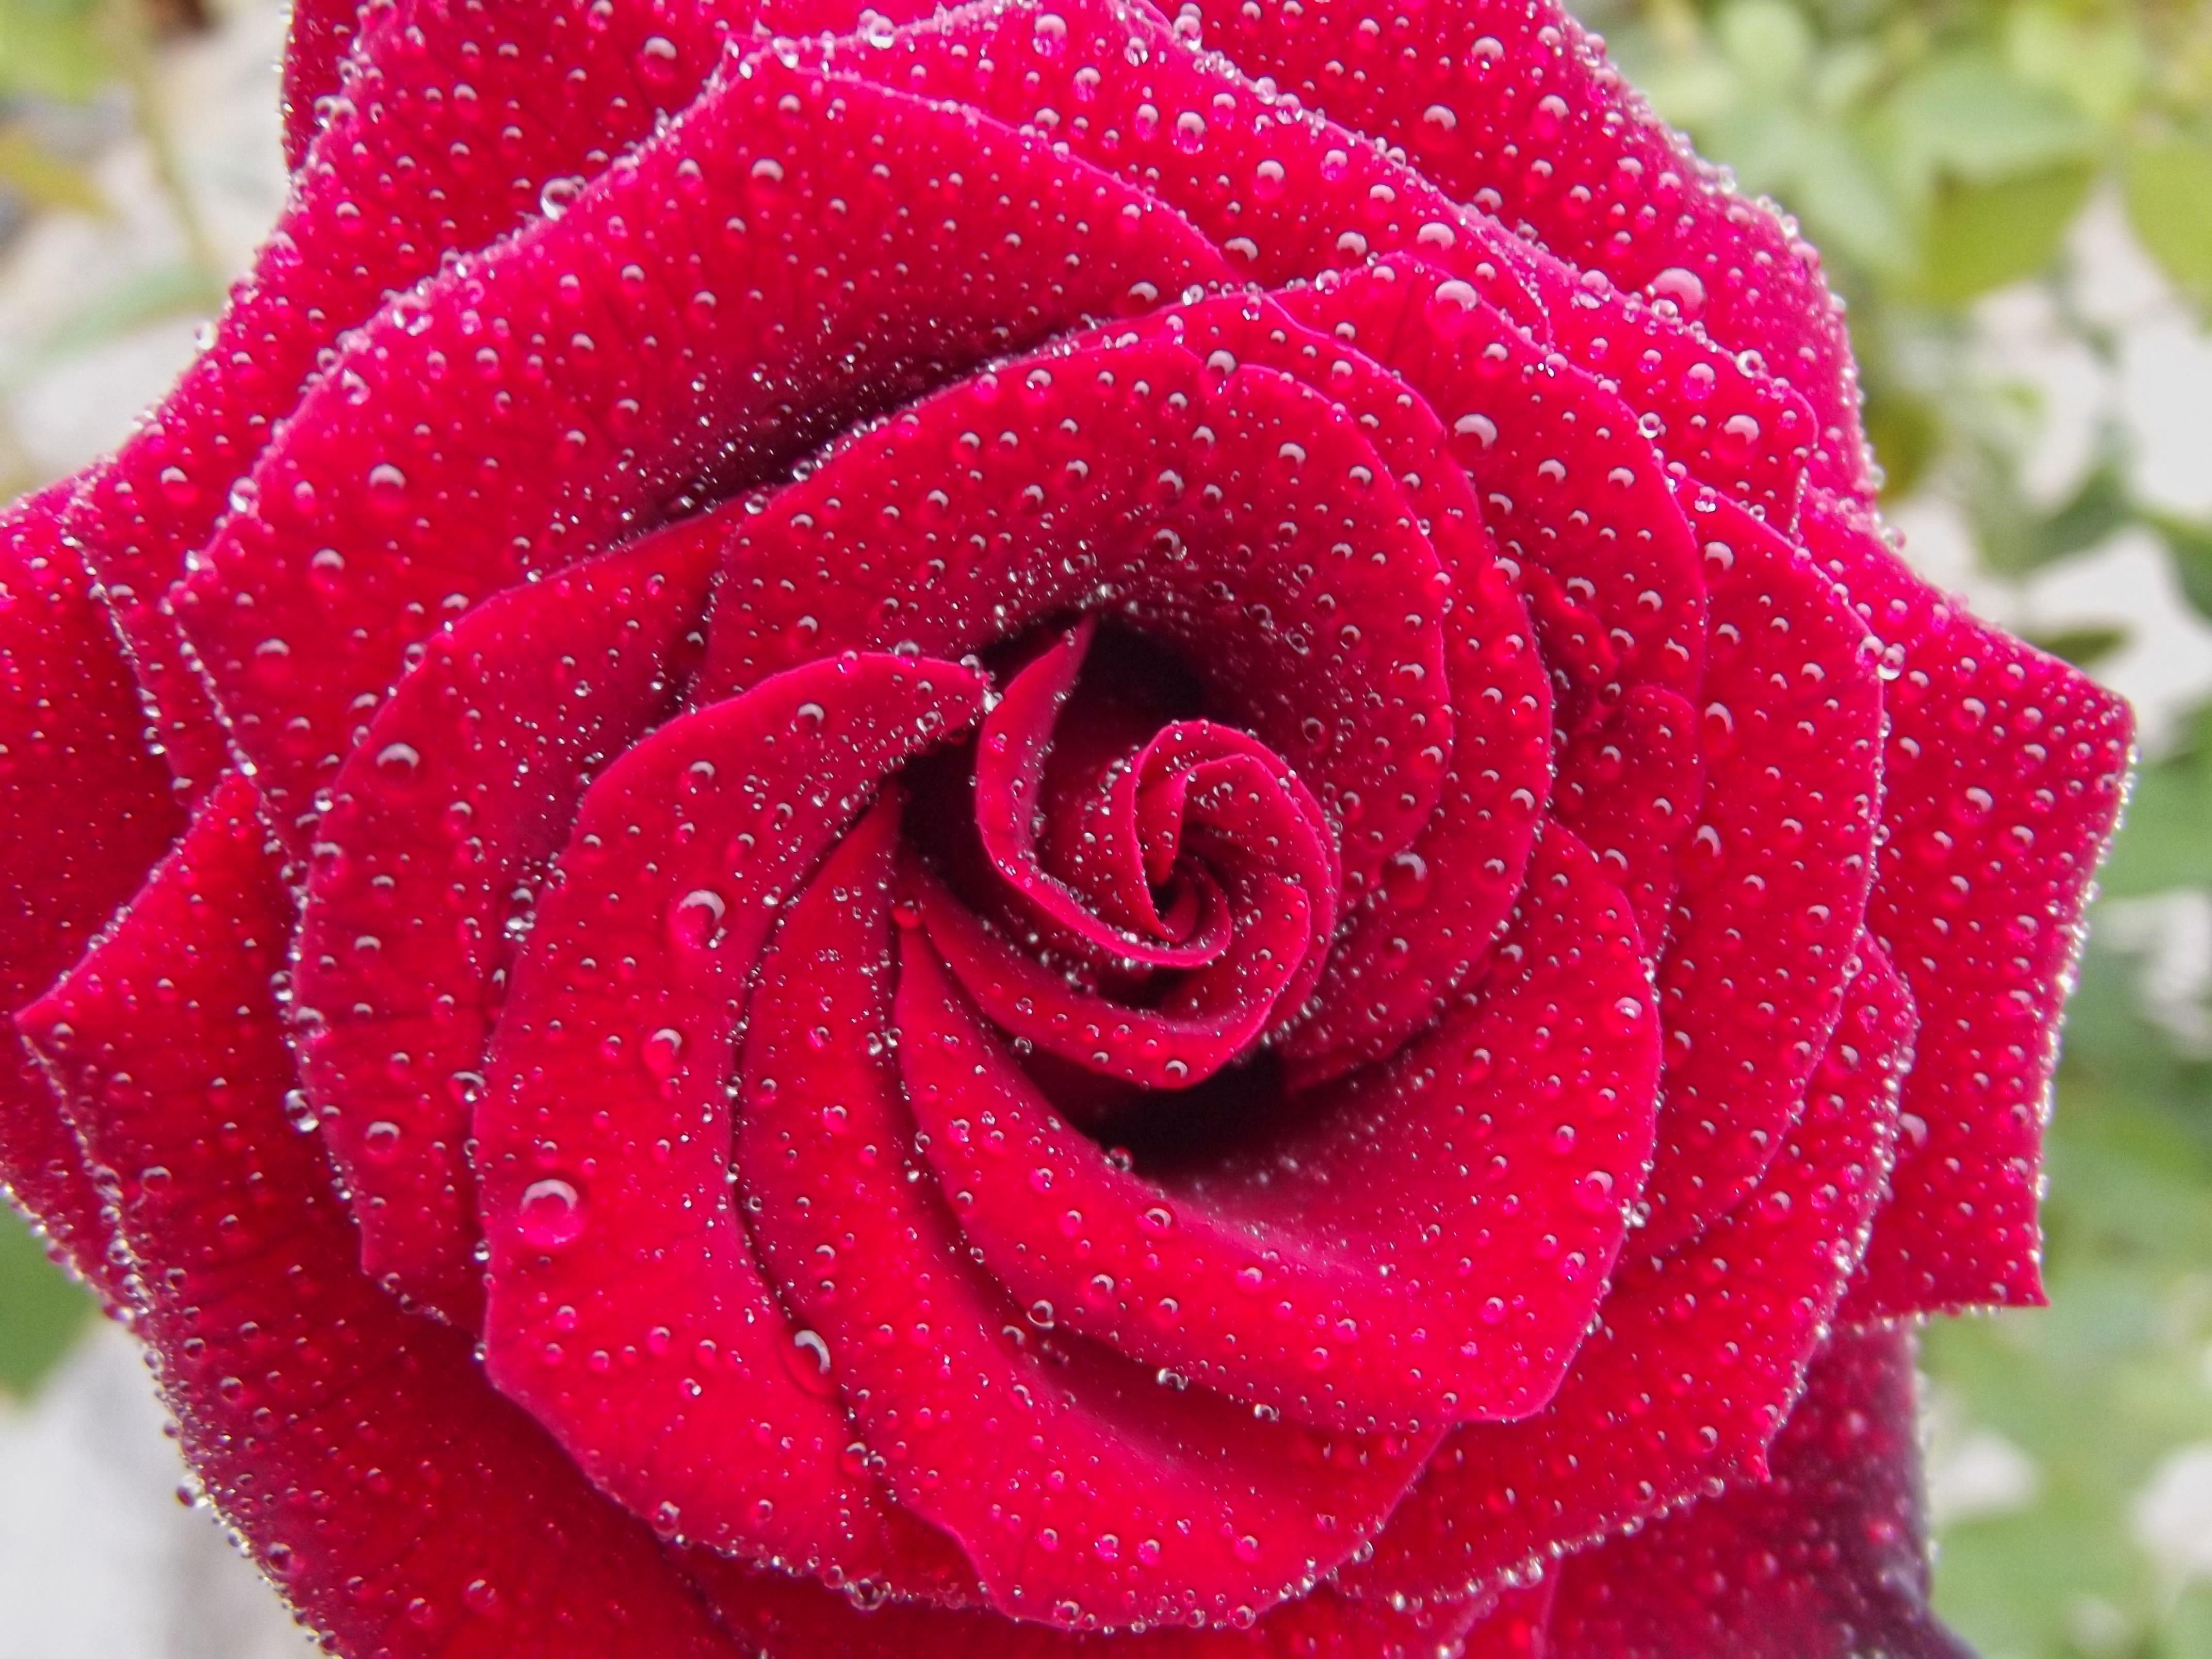 Images Gratuites Eau Laissez Tomber Pluie Fleur Petale Rouge